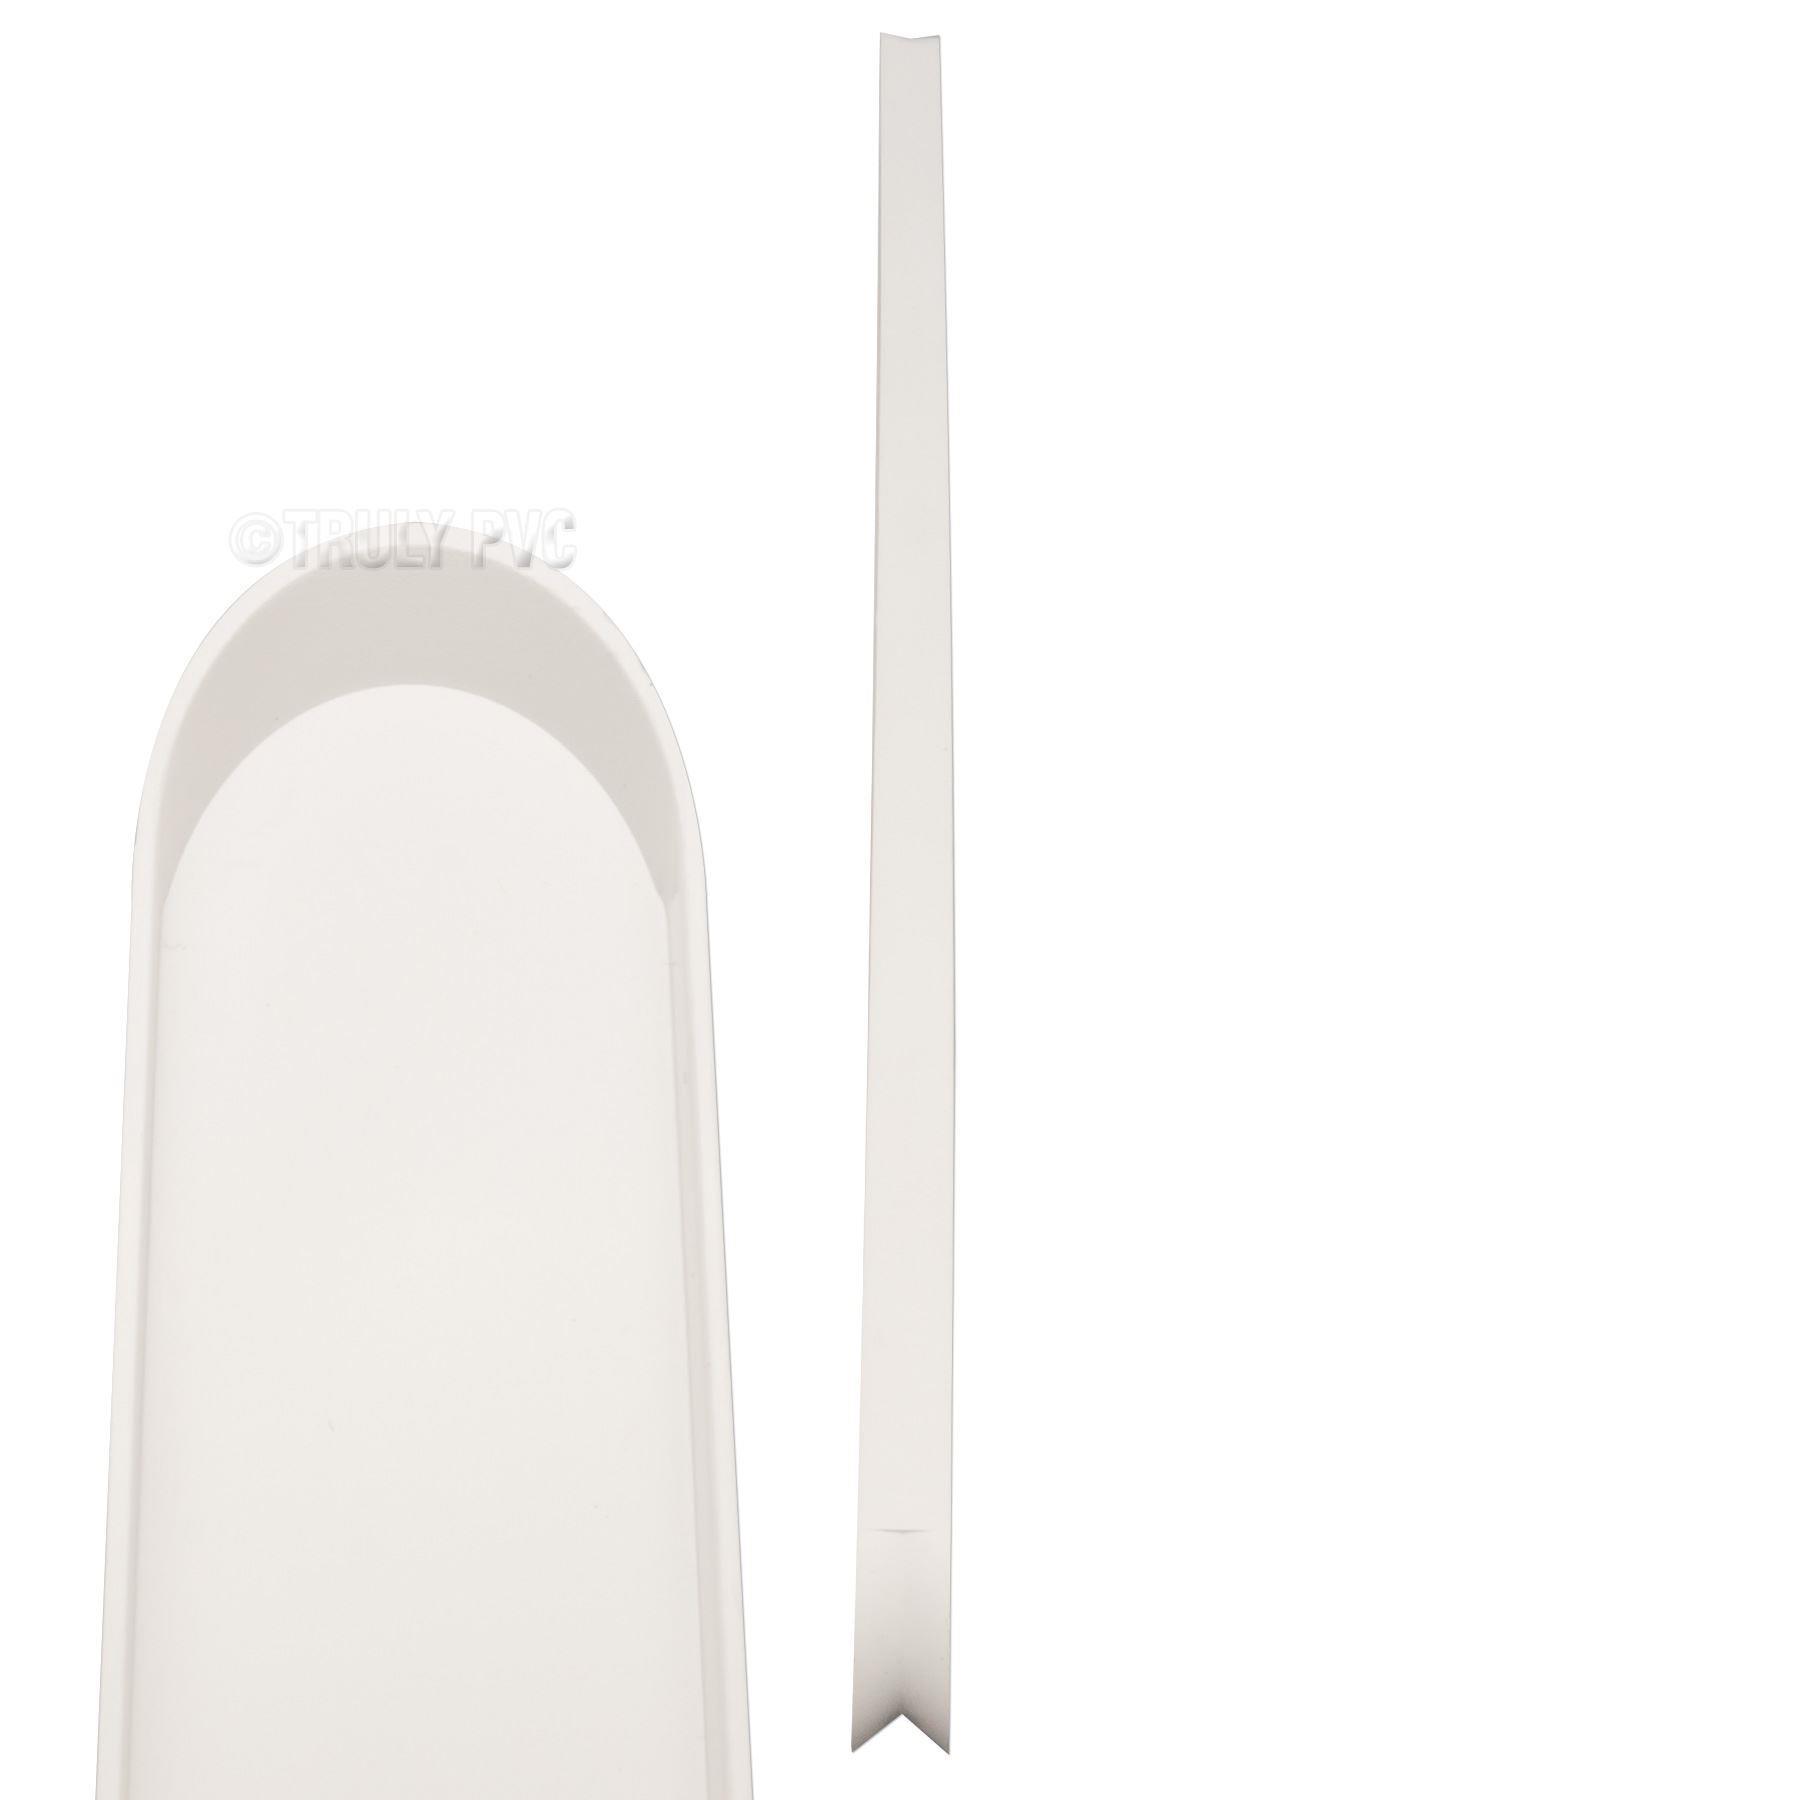 Window Board Plastic 90 176 135 176 Internal Corner Joint